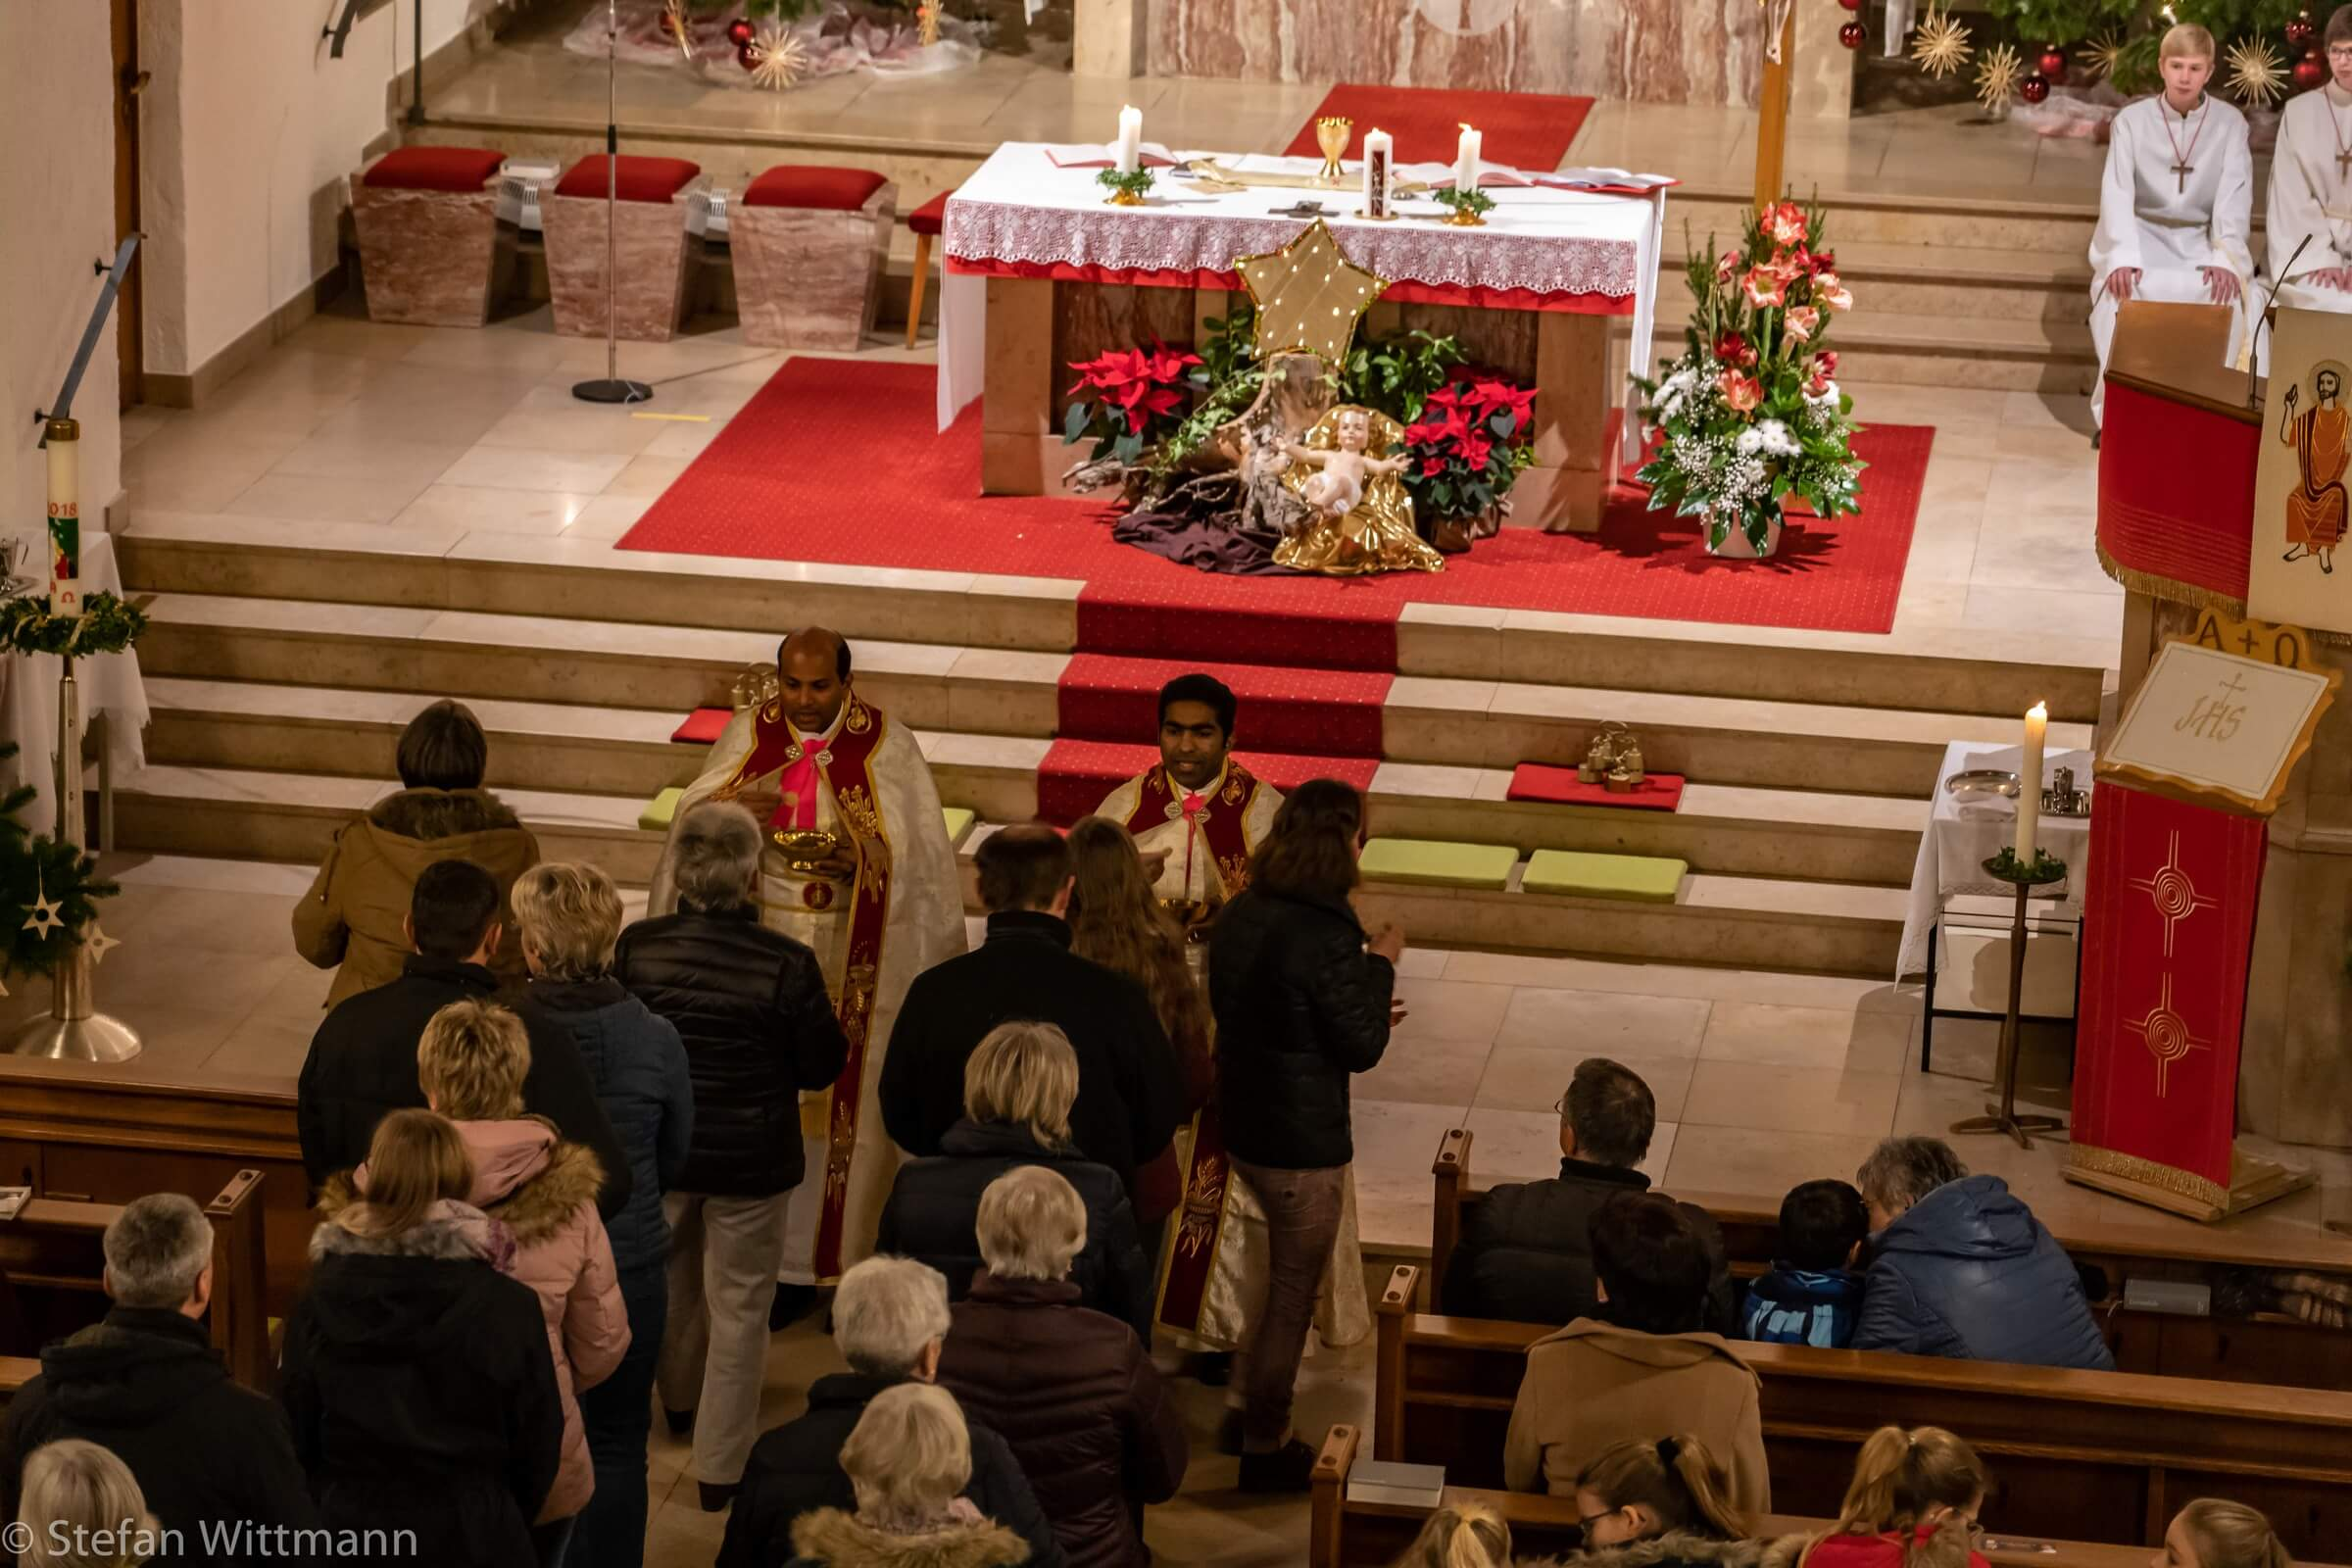 20181230-10 Jahre Priester Joseph - von Wittmann Stefan 20181230175514-DSC01923